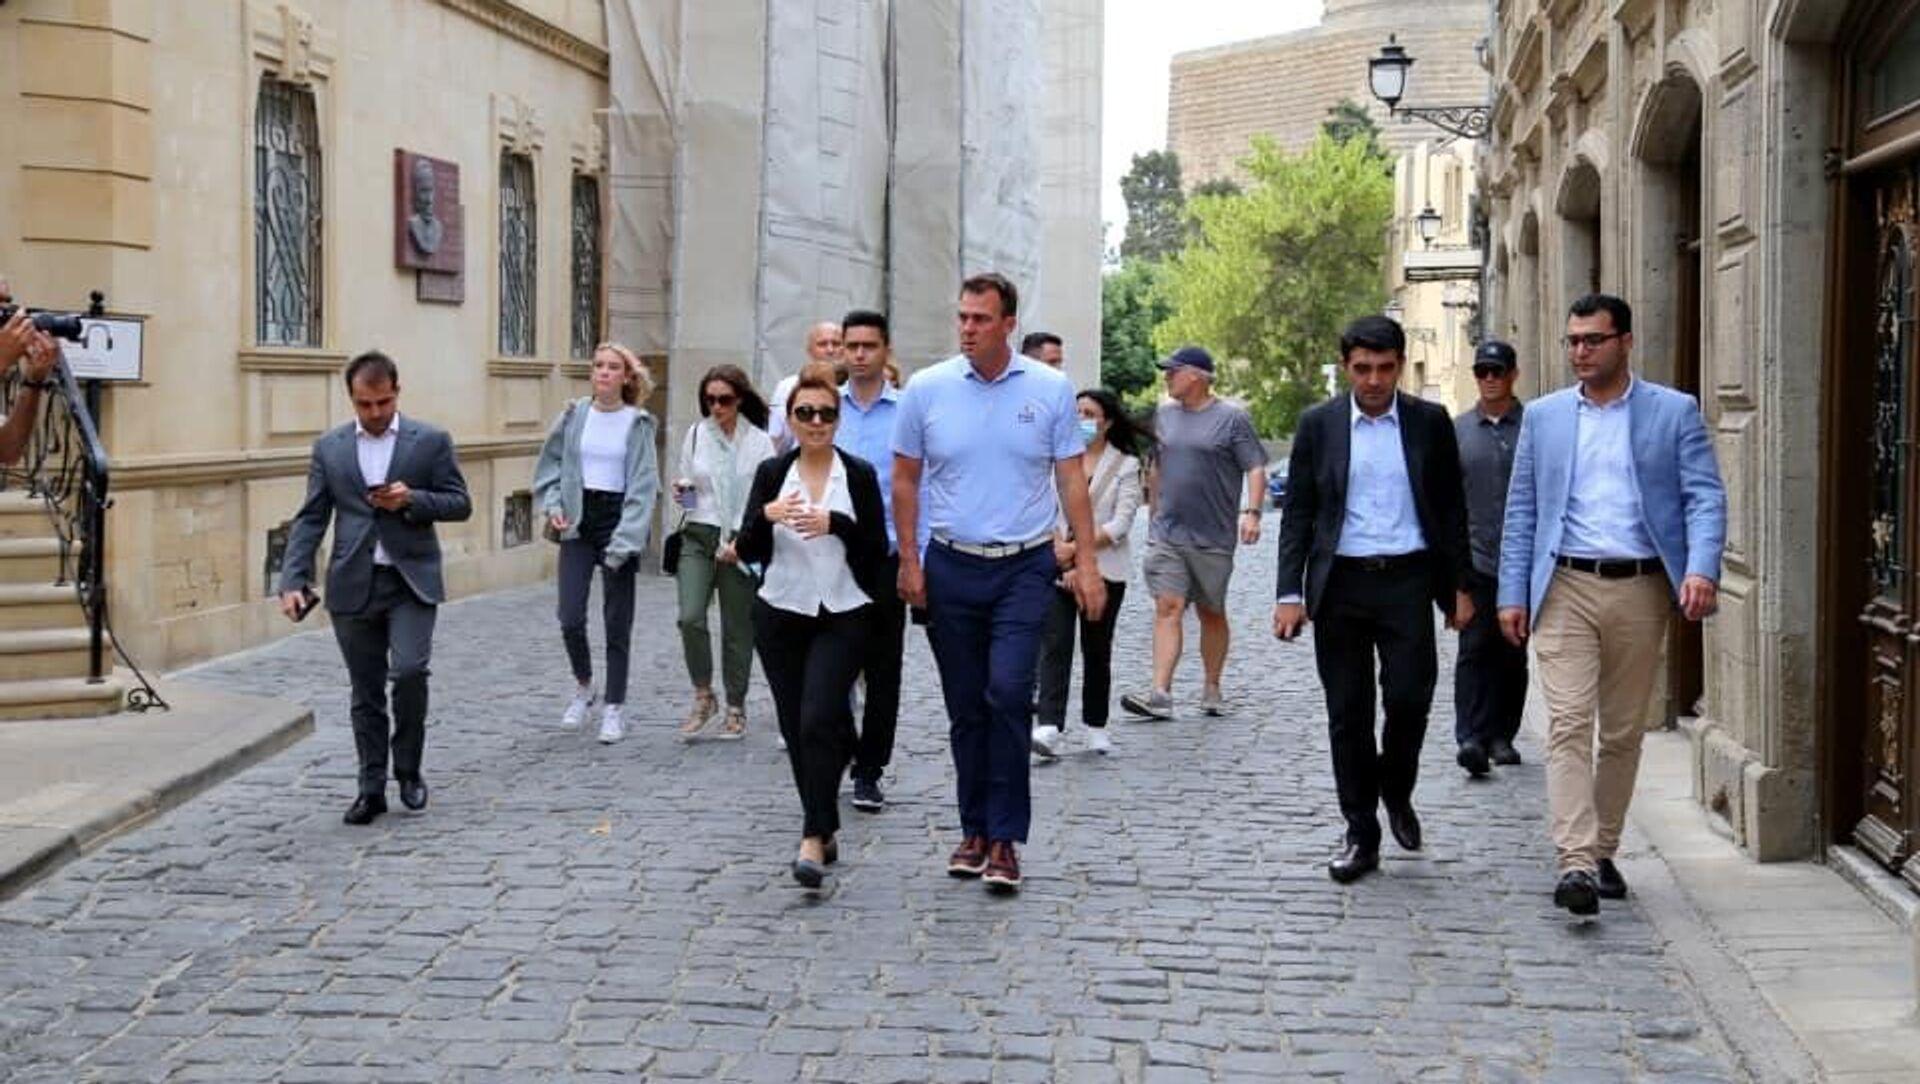 Губернатор американского штата Оклахома Кевин Ститт в рамках своего рабочего визита в Азербайджан совершил прогулку по Баку - Sputnik Азербайджан, 1920, 29.07.2021